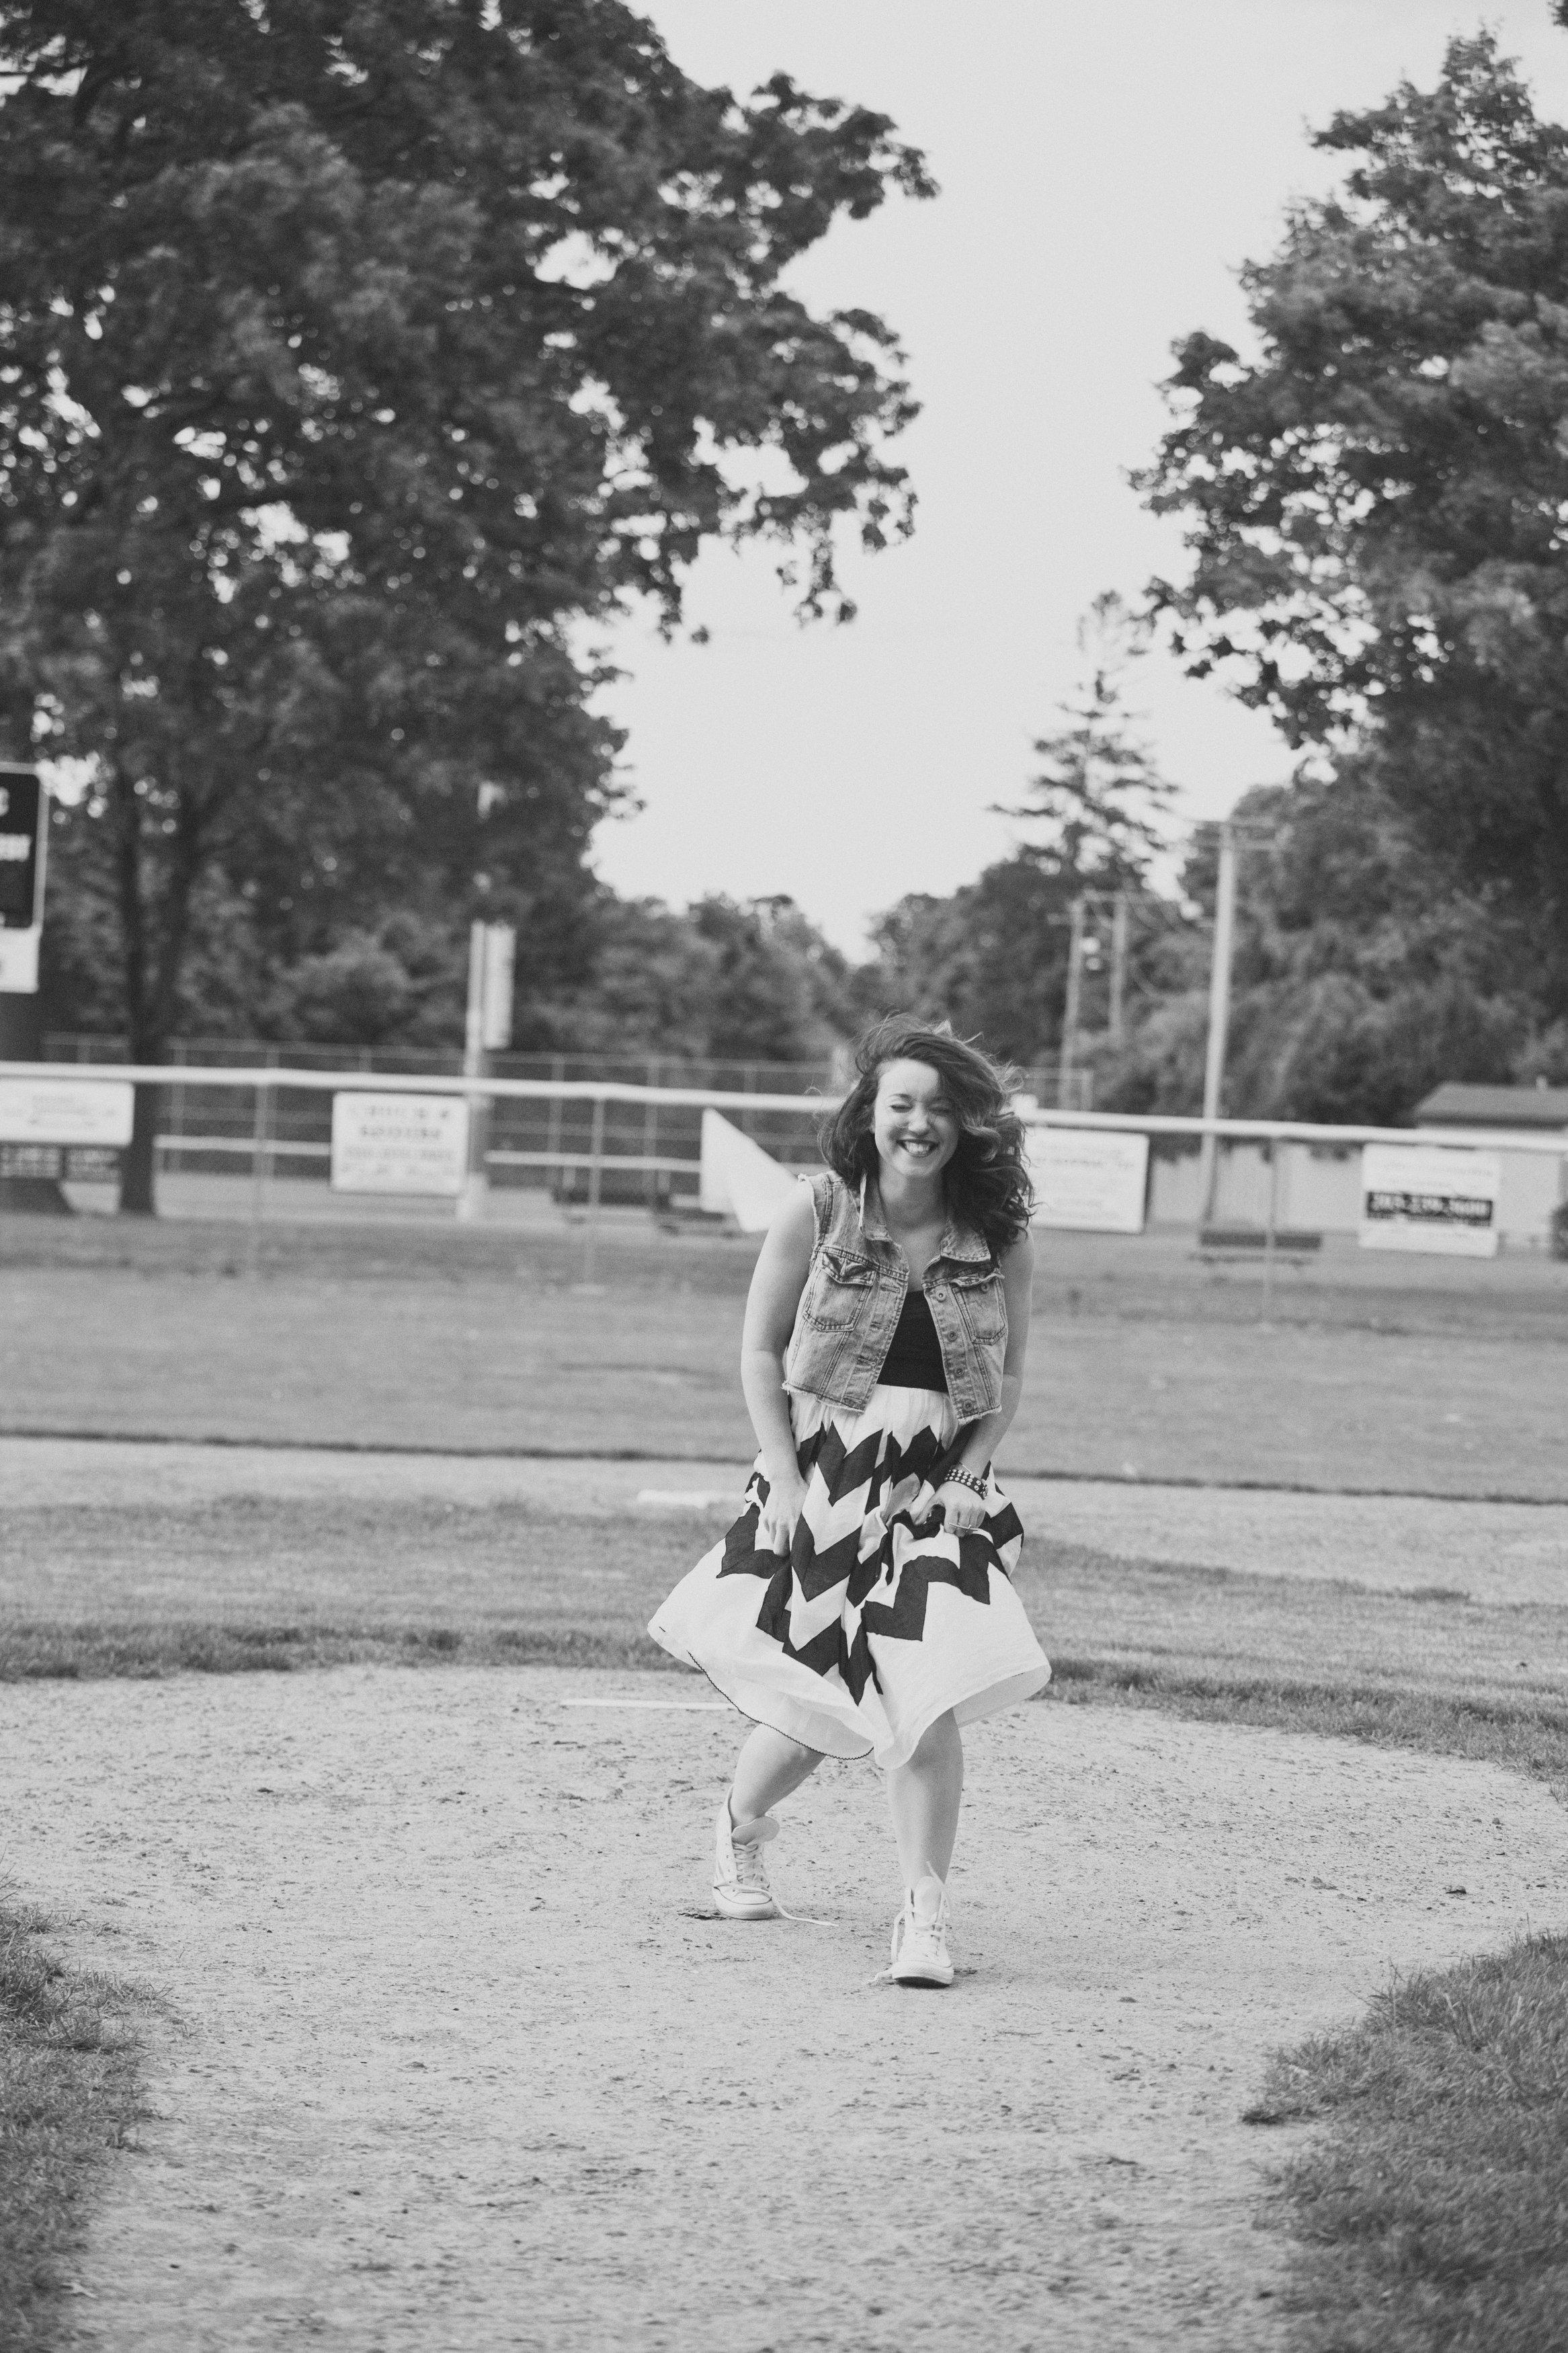 Hannah_Brencher_Portraits-Hannah_Brencher_Portraits-0015.jpg